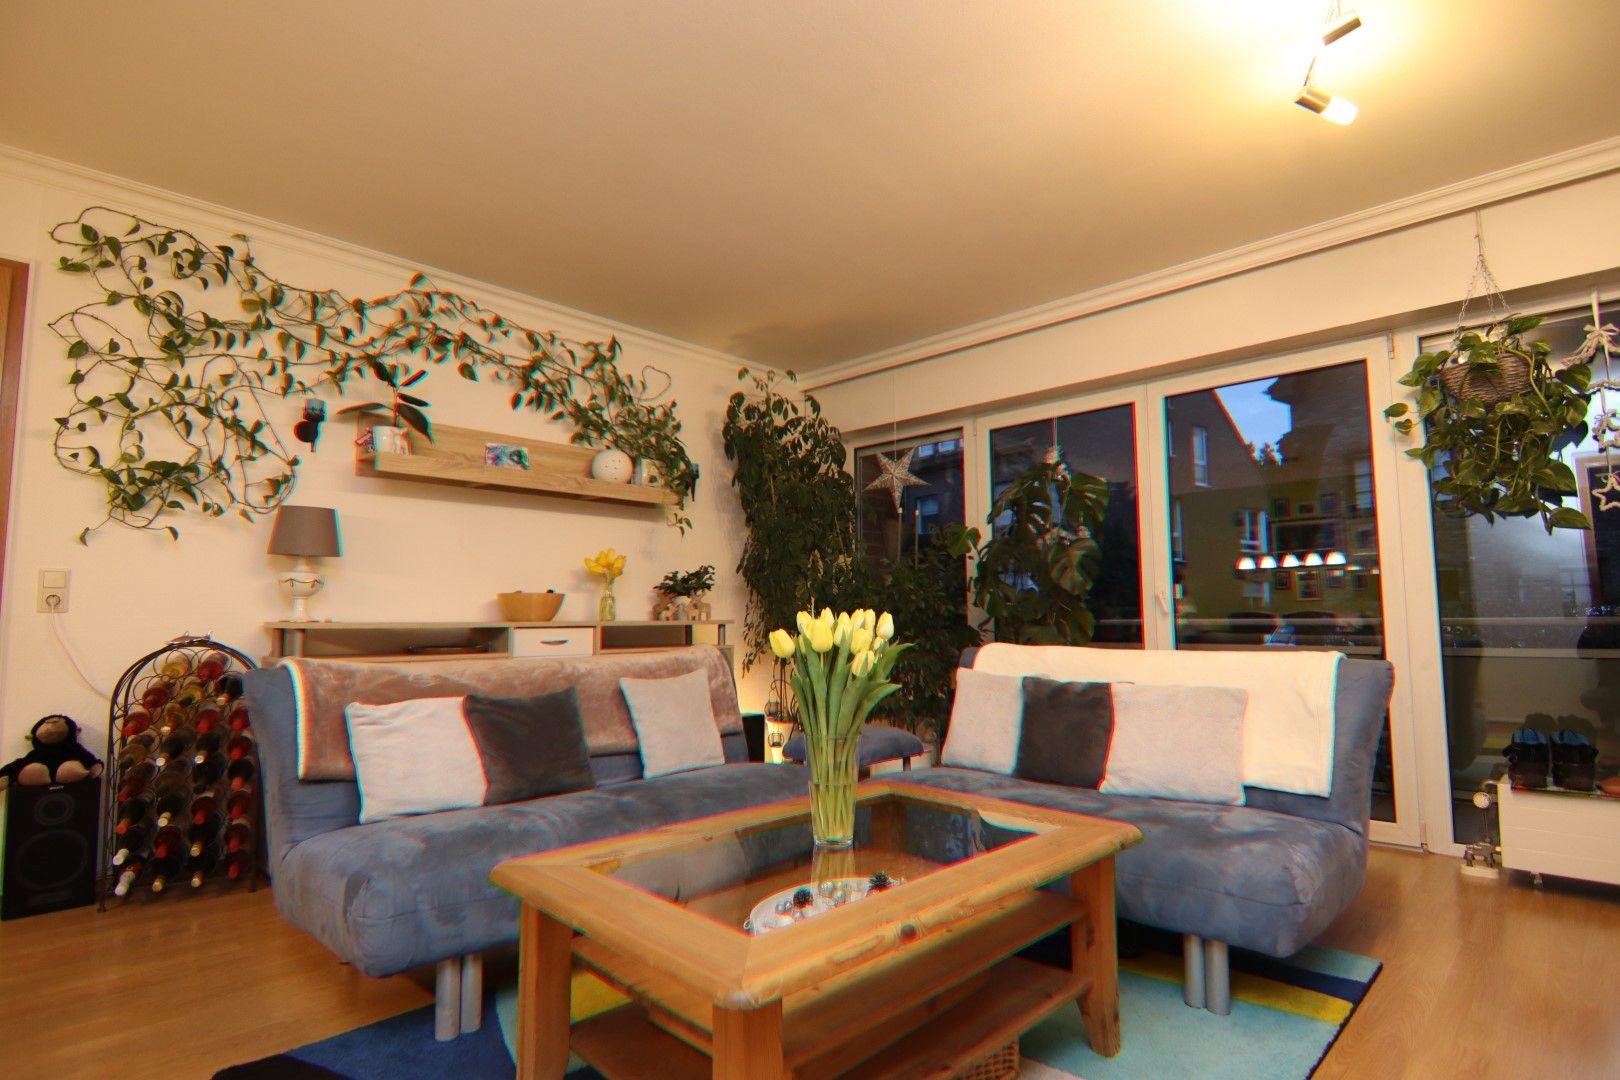 Immobilie Nr.0288 - 4 Zimmer EG-Wohnung mit 2 Bädern und 2 Balkonen - Bild 2.jpg